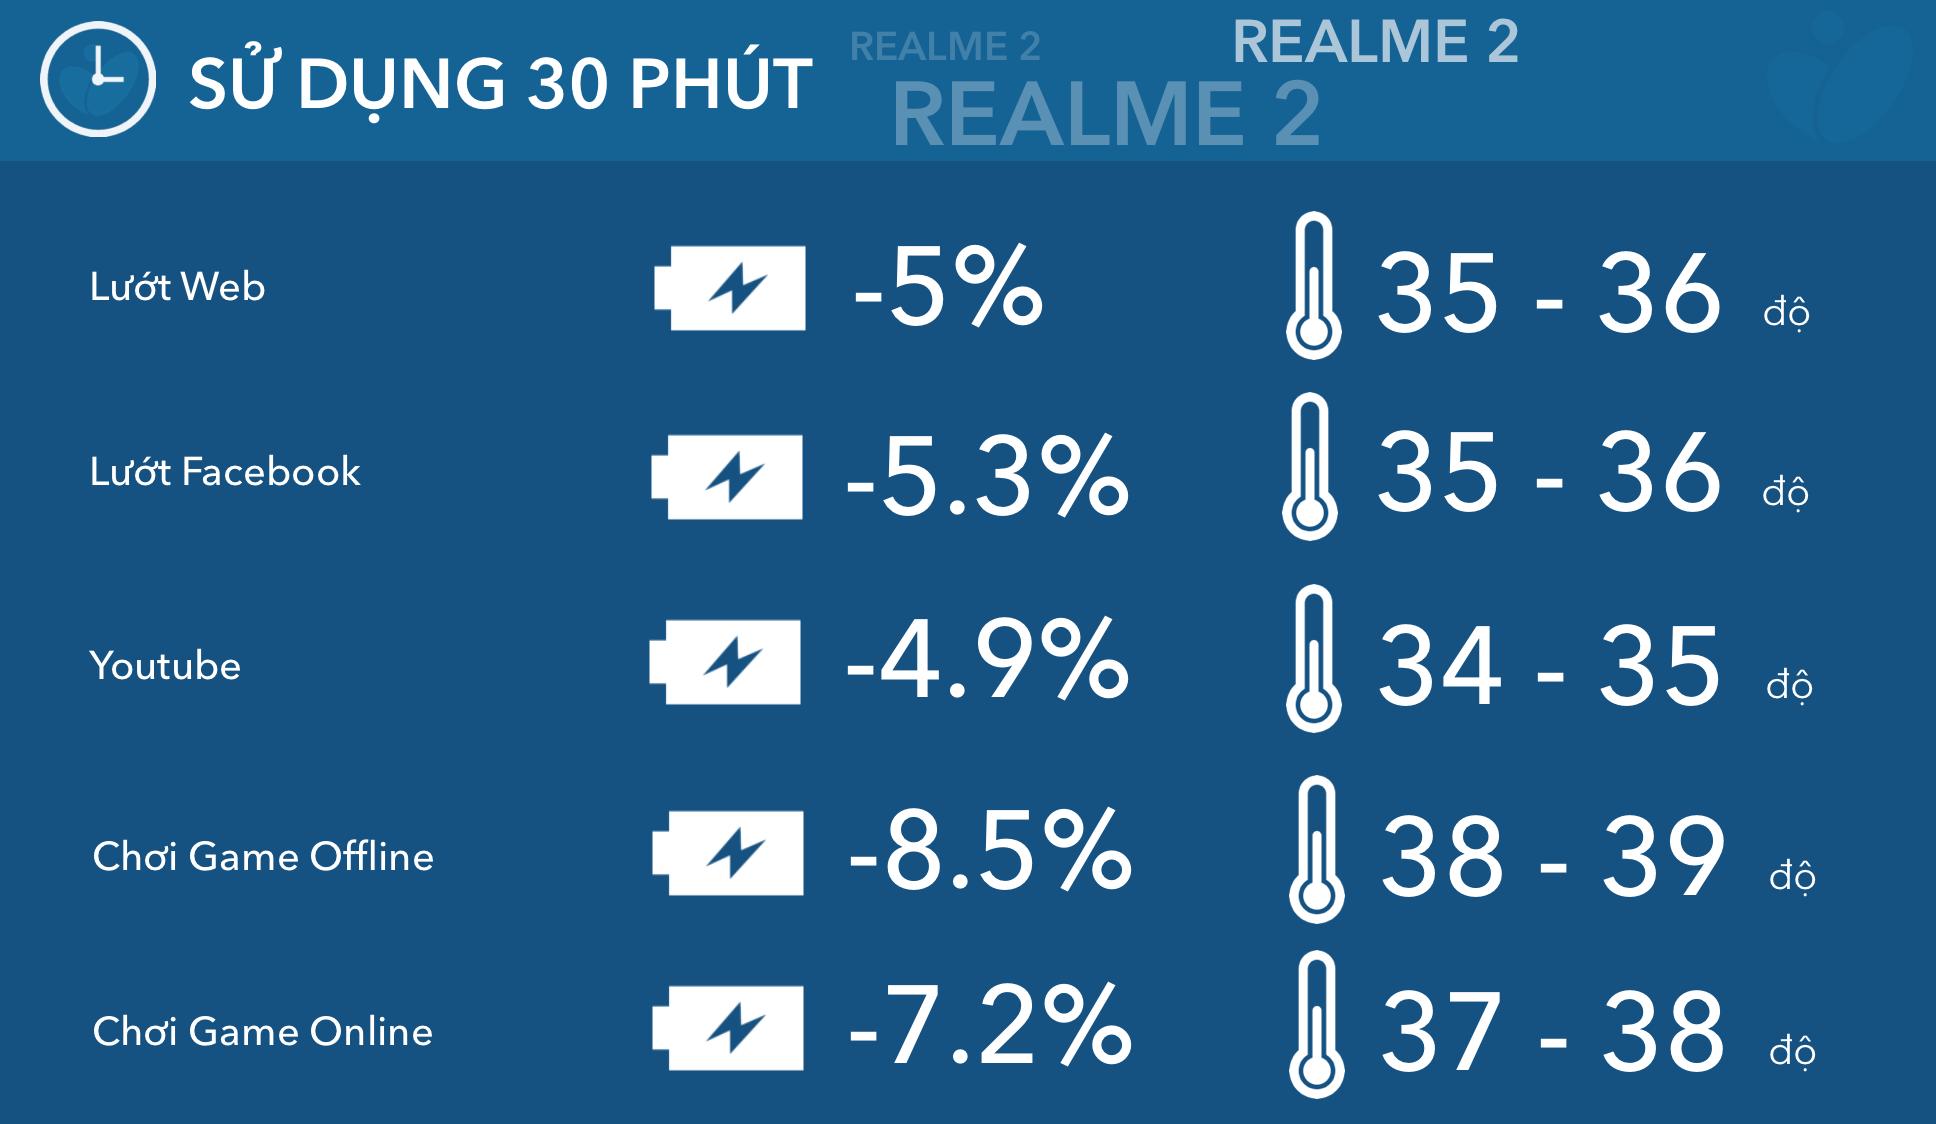 Realme2_tinhte_1.png